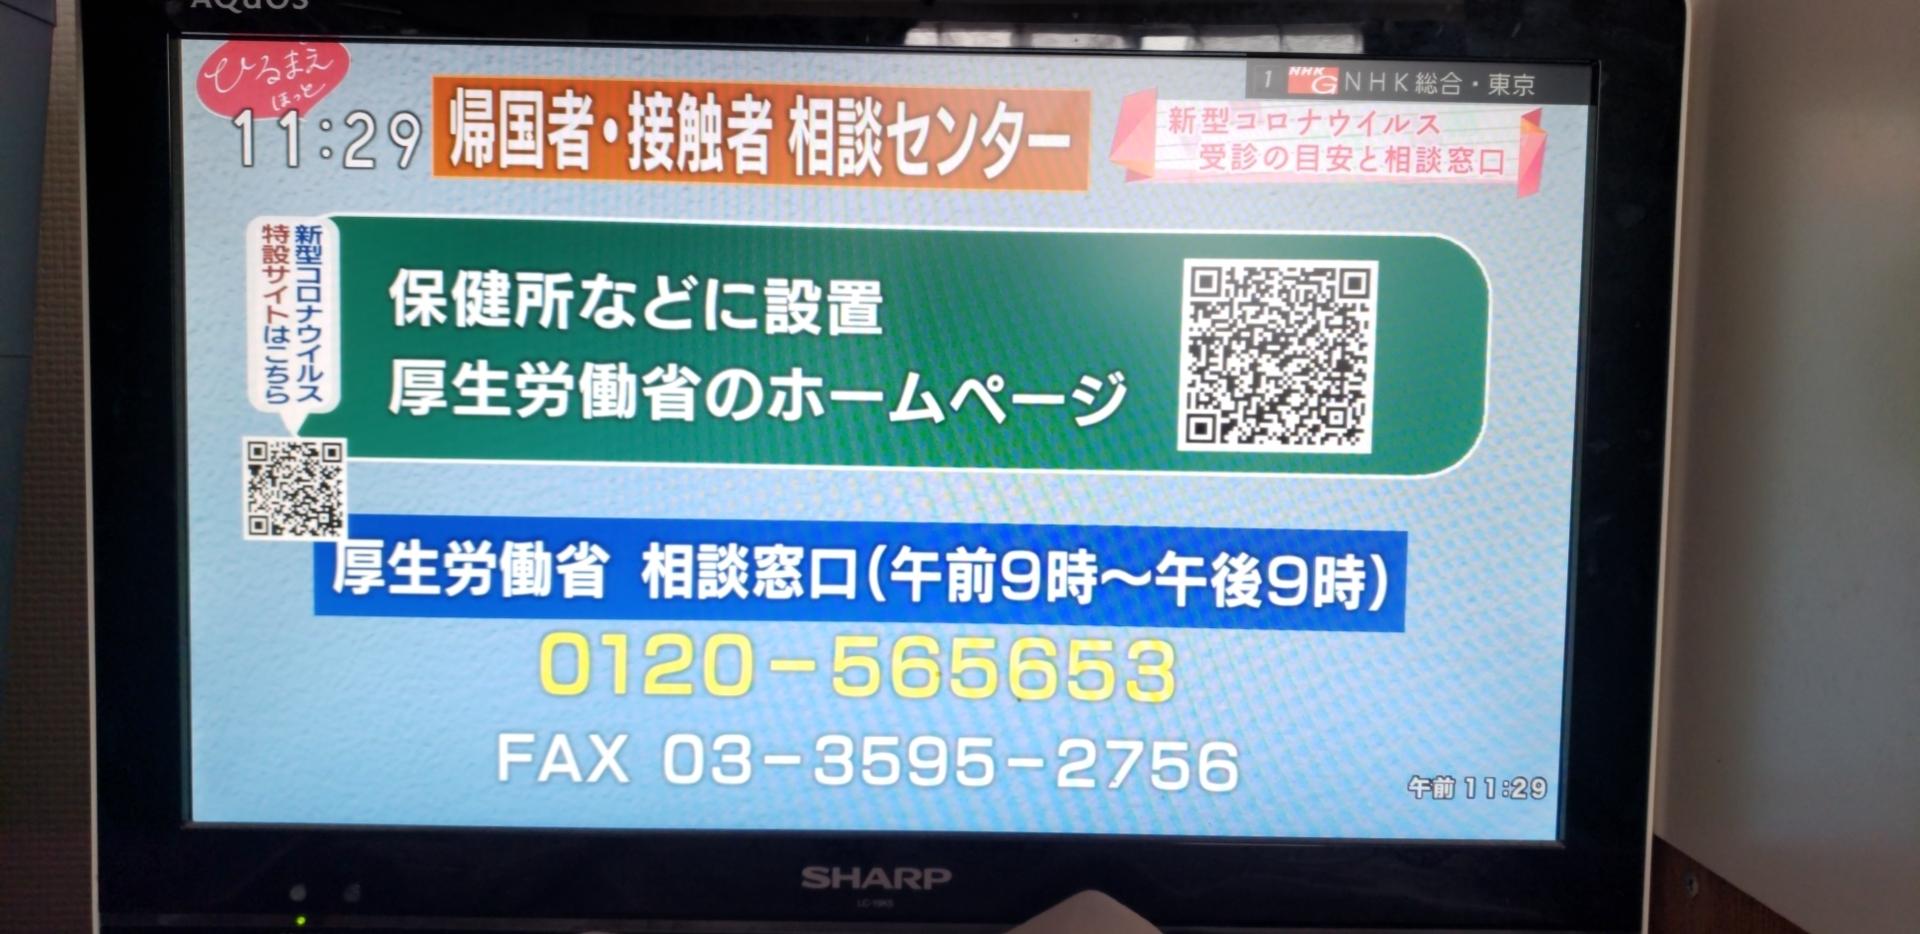 日本厚生做事省公布的询问电话,图片来源:受访者沈霄虹